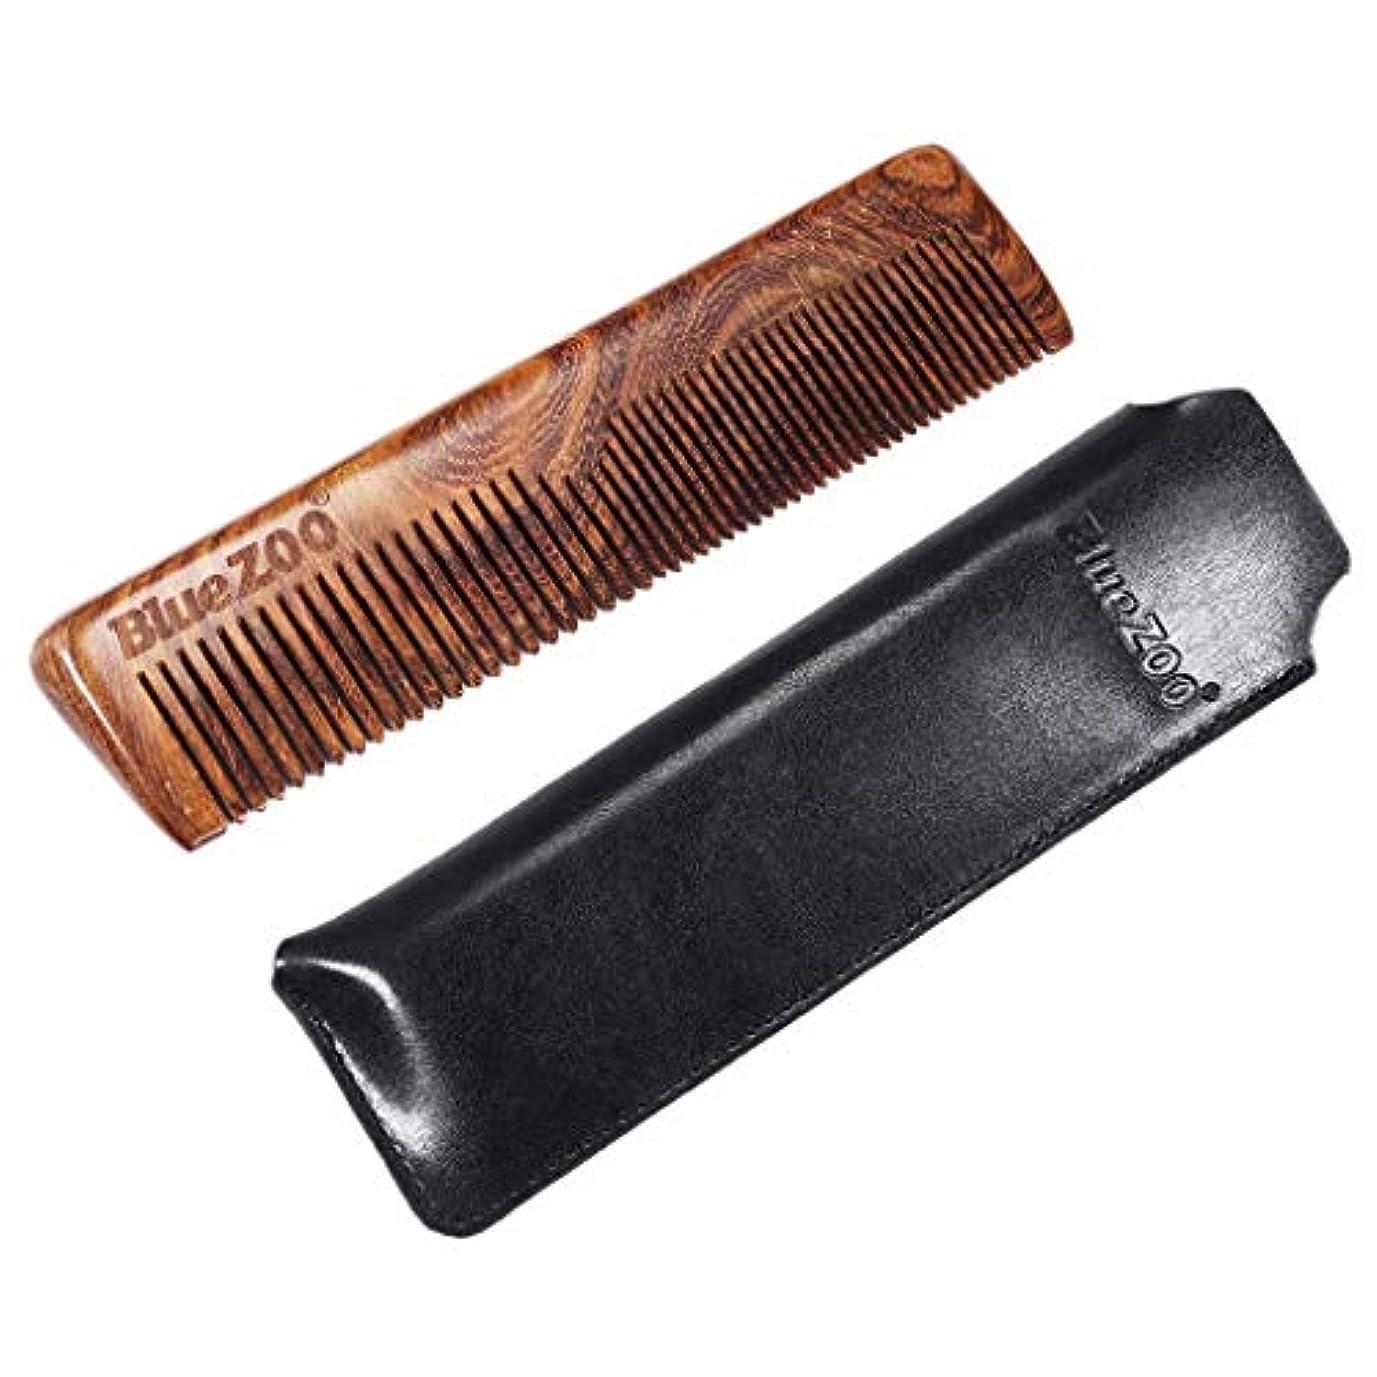 モス魅力提出するP Prettyia ウッドコーム 静電気防止櫛 ひげ櫛 ヘアブラシ 収納バッグ 2色選べ - ブラック